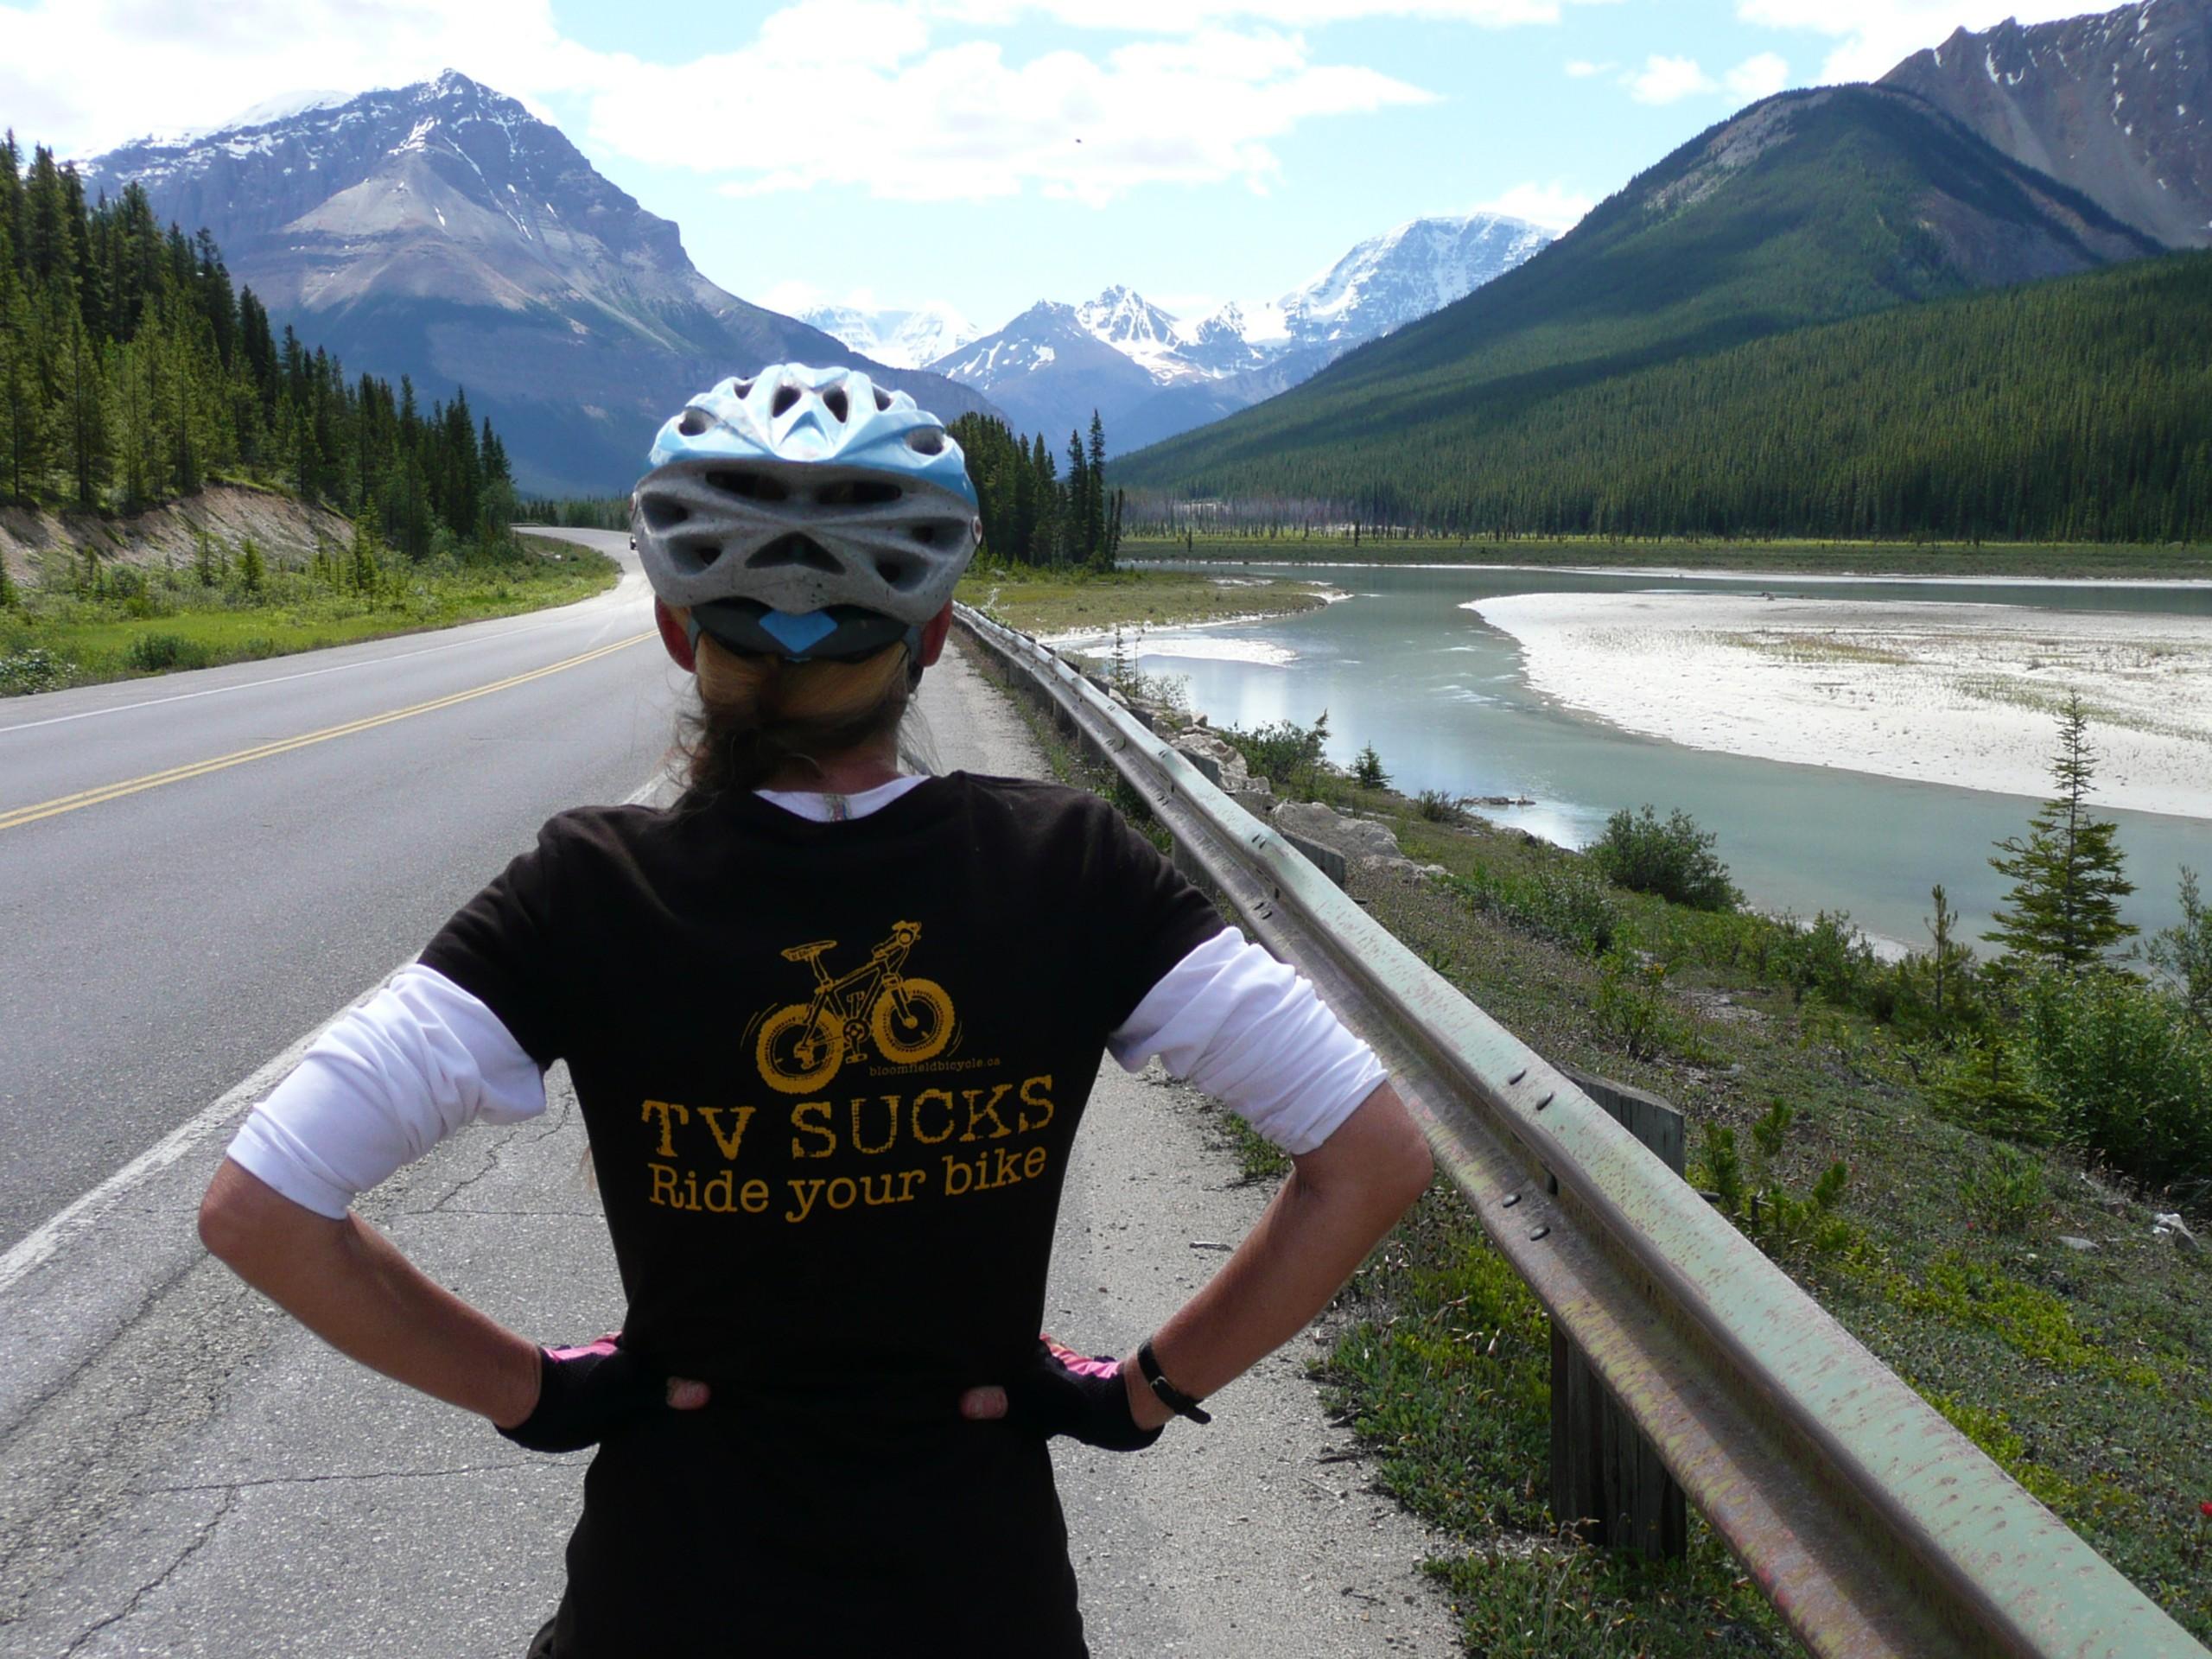 Biker wearing a funny t-shirt